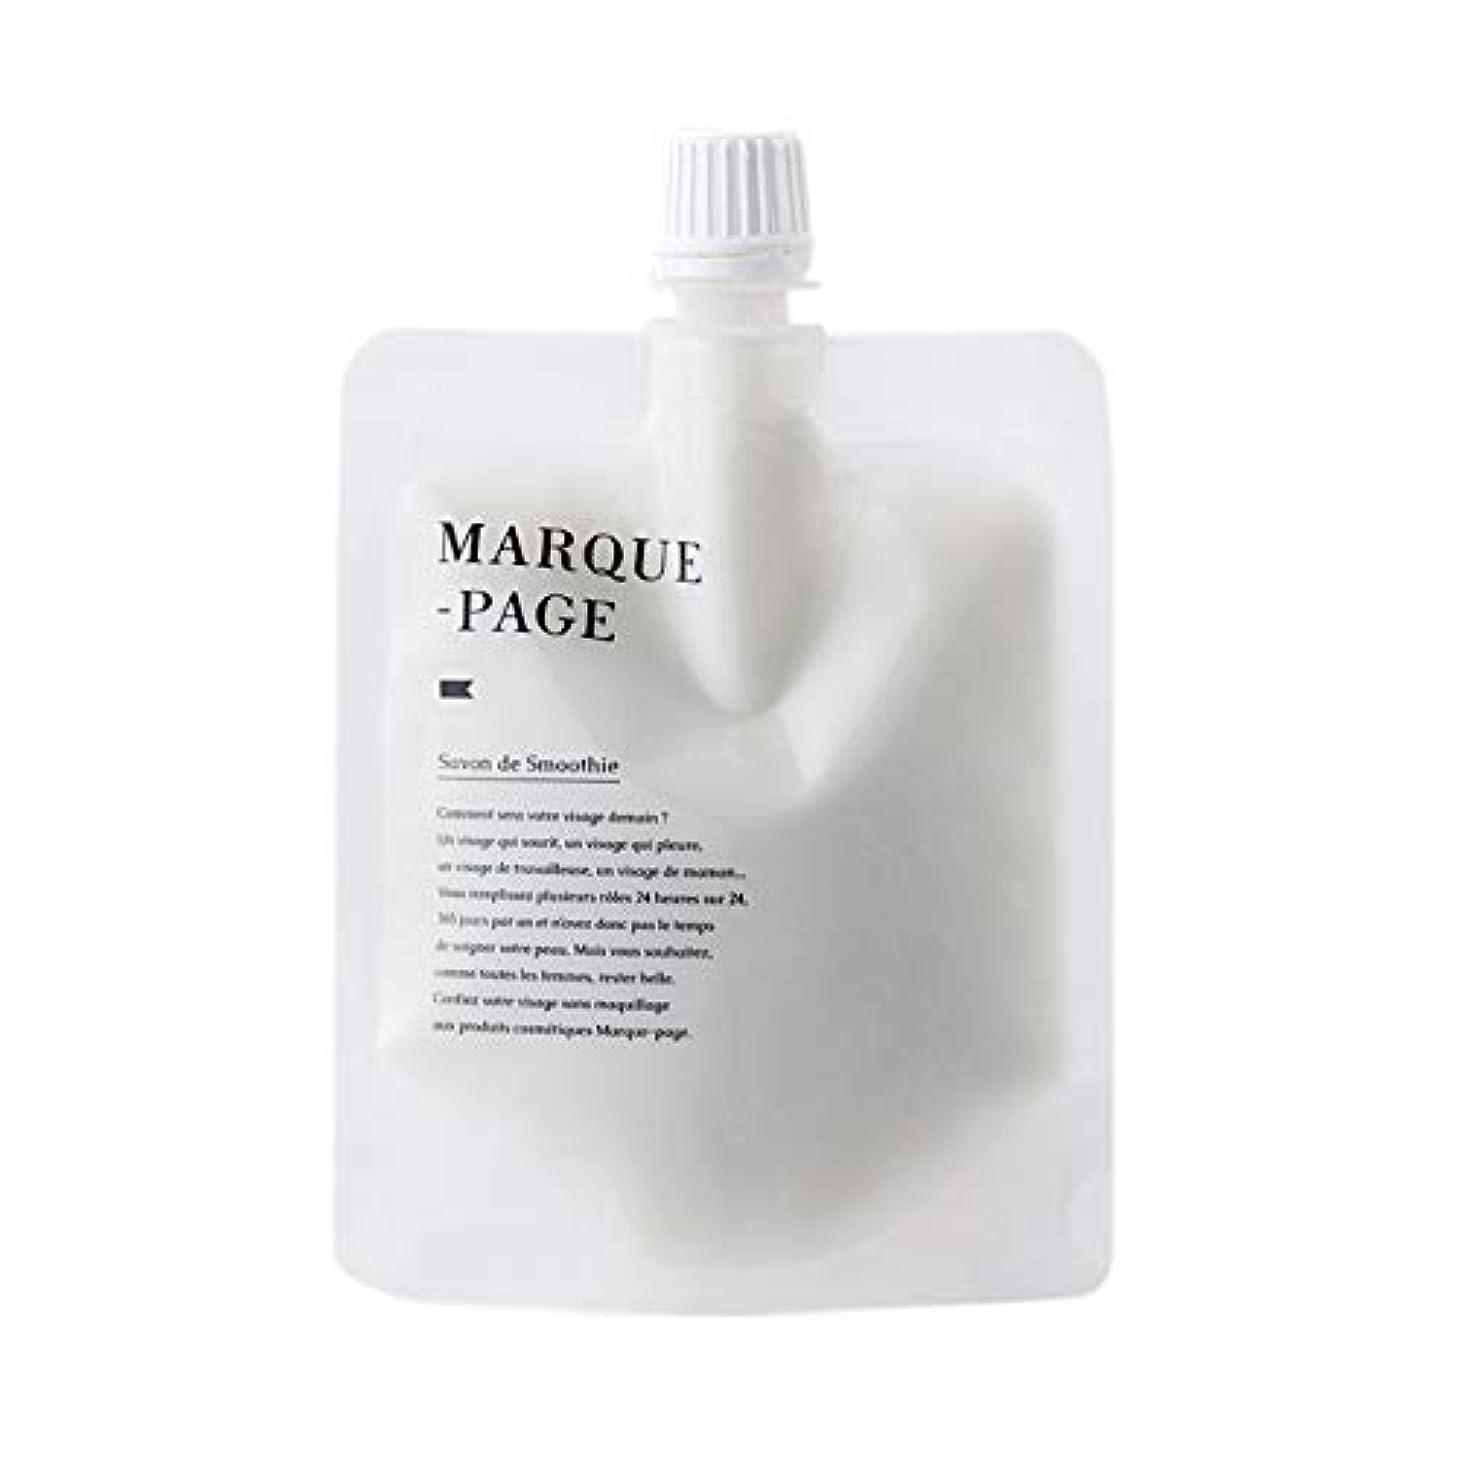 パイル器官氏MARQUE-PAGE マルクパージュ サボン ド スムージー <洗顔料> 100g